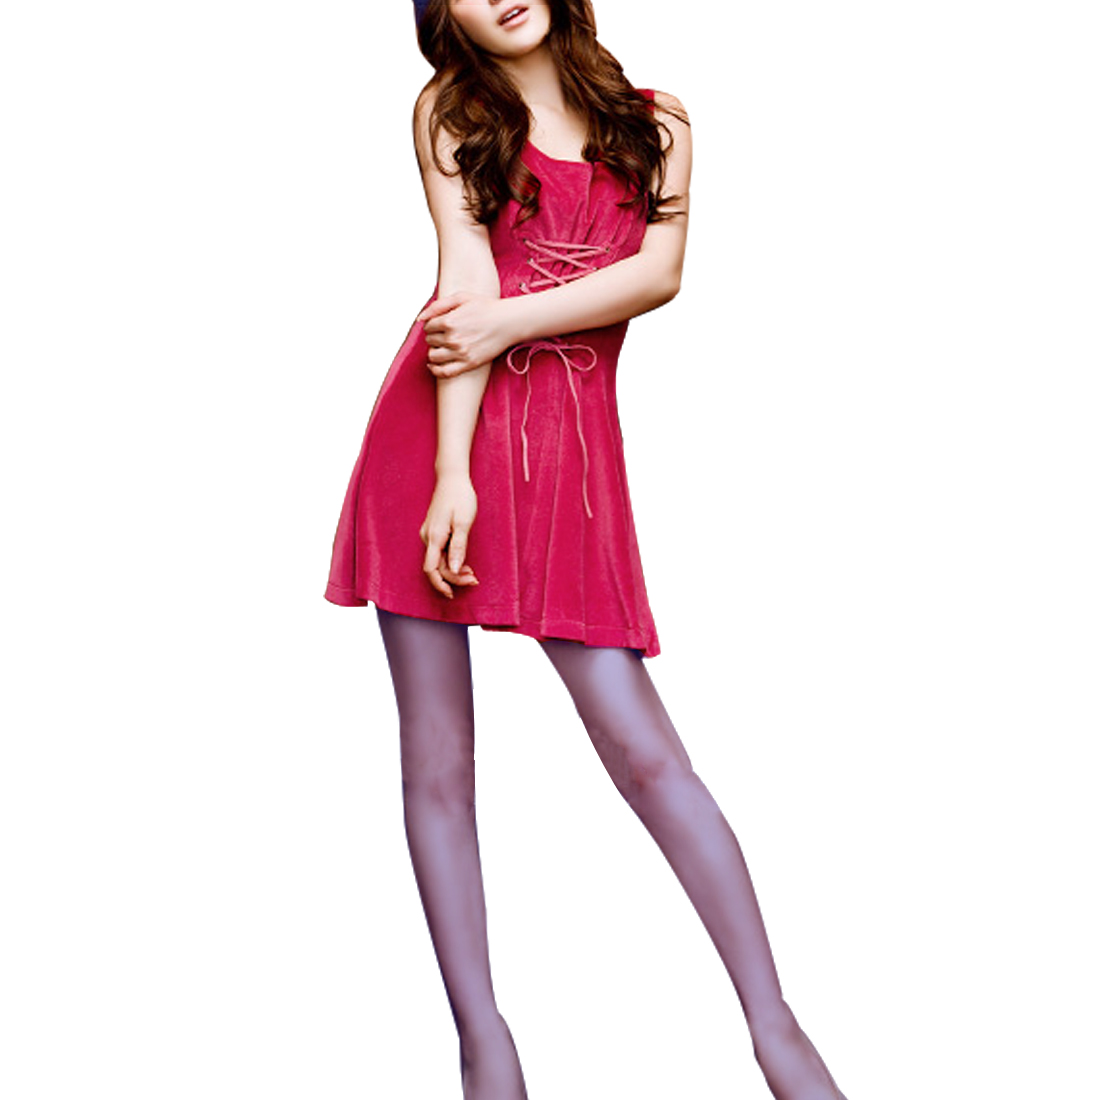 Fashional Women Back Lace Up Sweet Style Mini A Line Dress Hot Pink XS